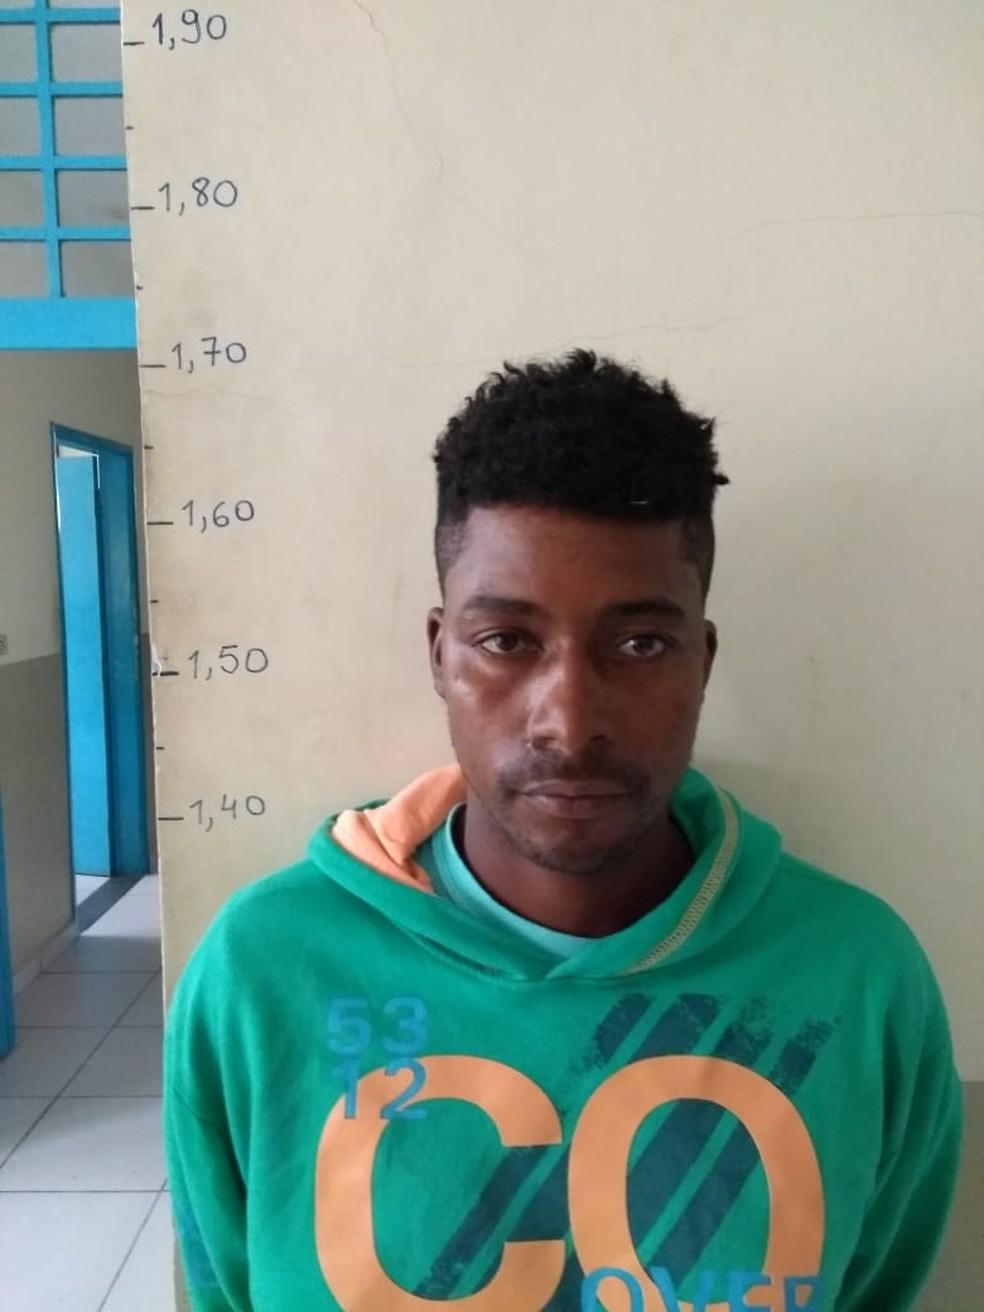 Eliomar fugiu após o crime, foi preso na capital paulista e trazido para o Vale do Ribeira — Foto: G1 Santos